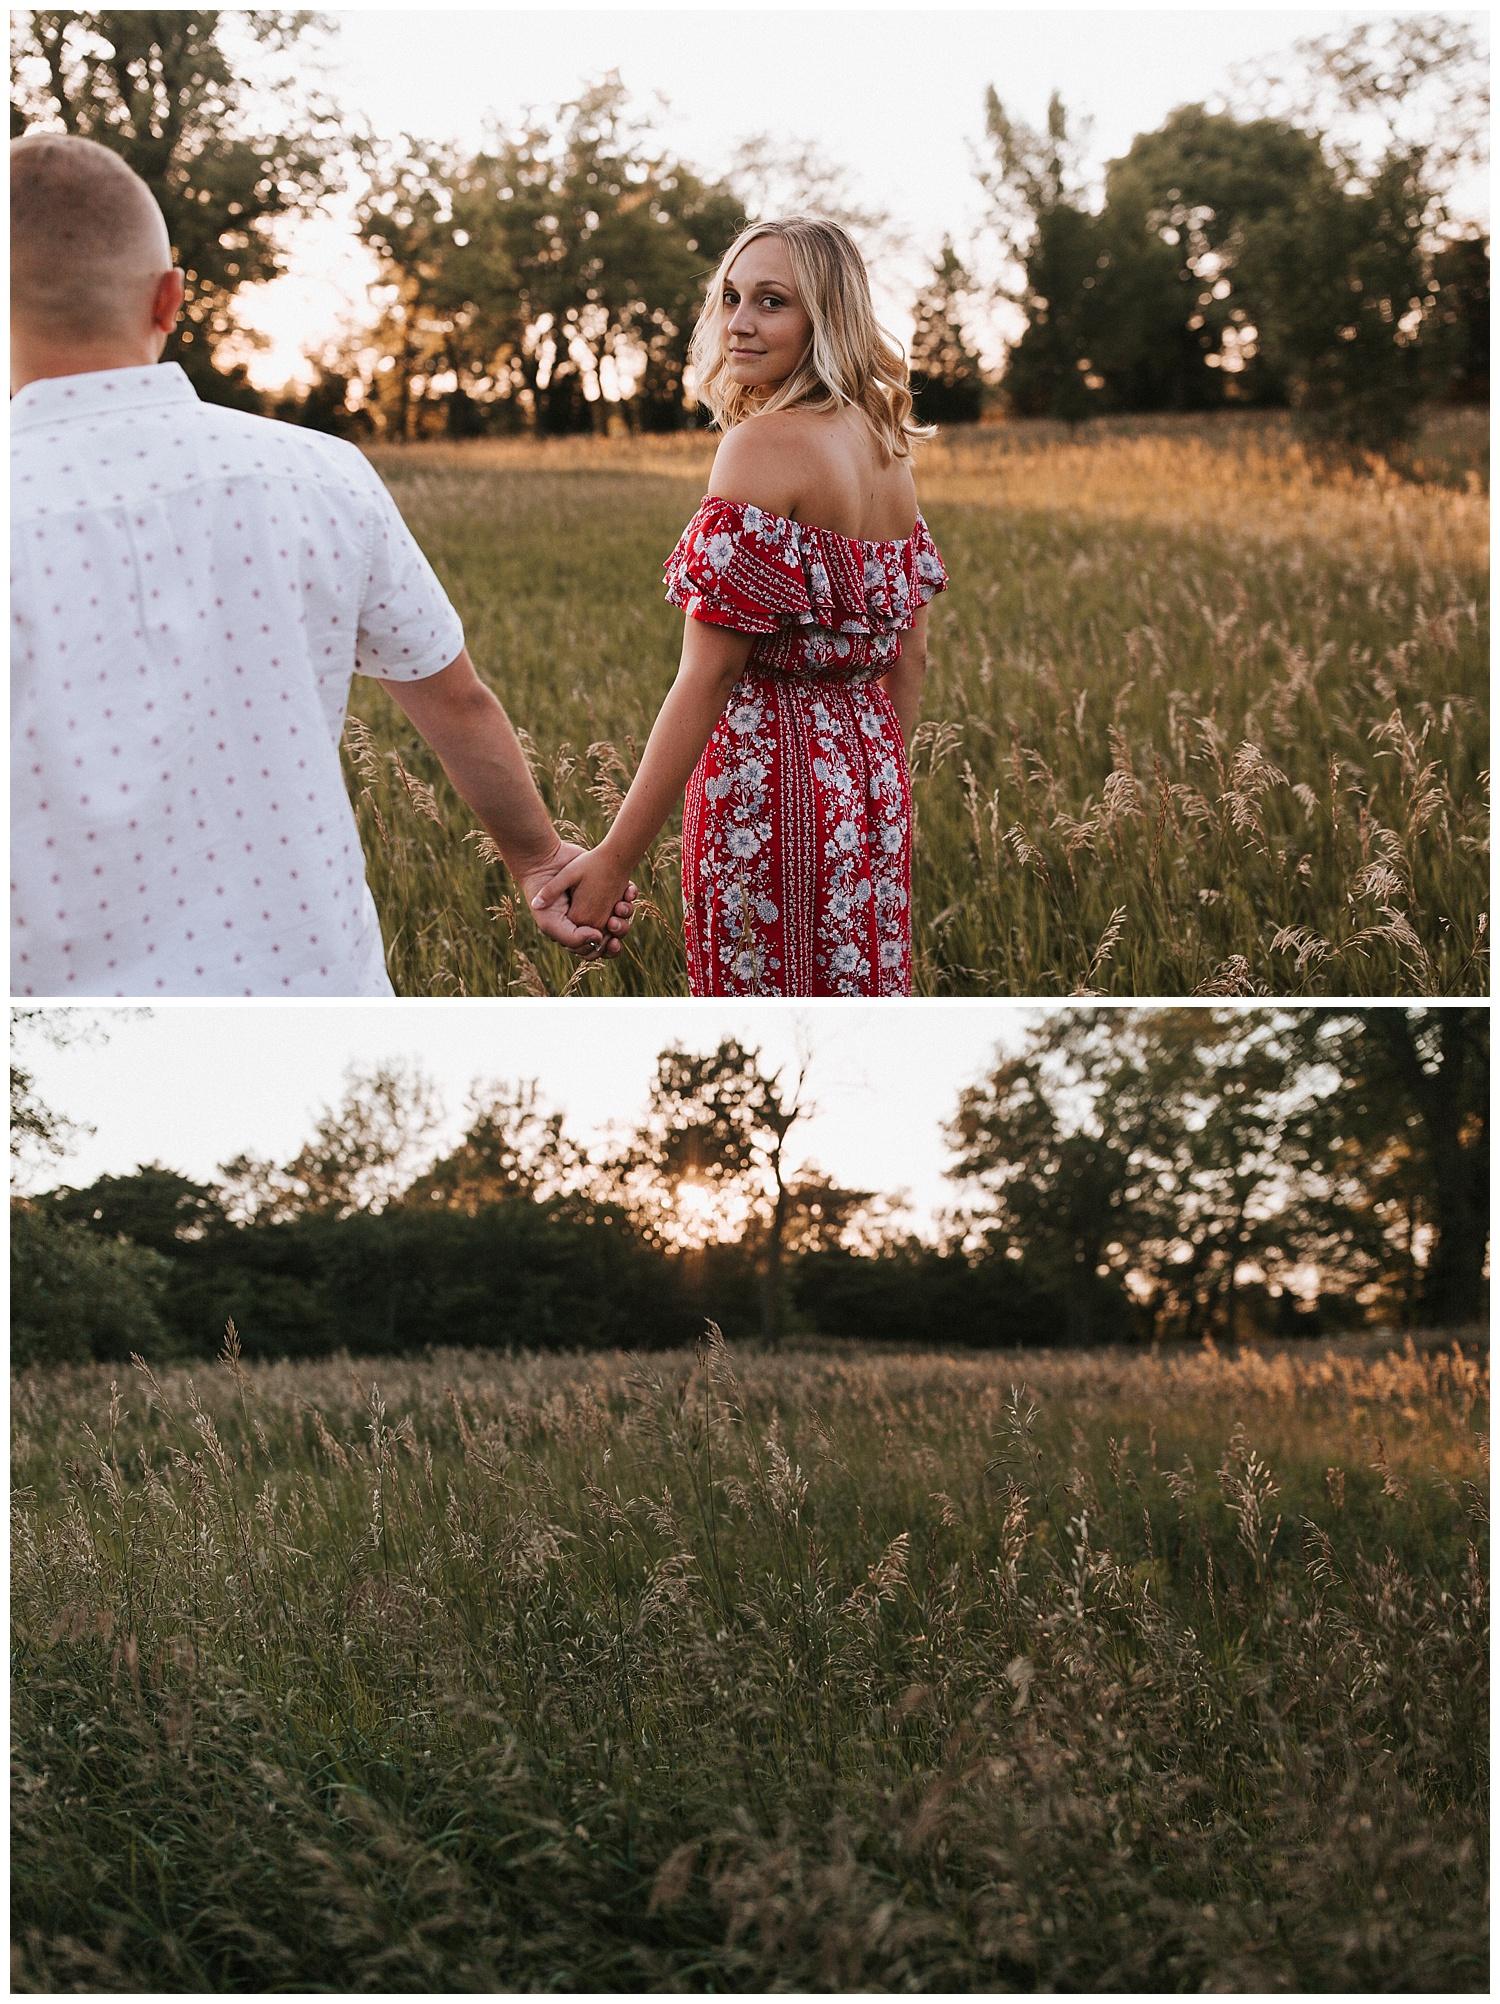 golden_hour_engagement_session_haley_chicoine_traveling_weddingphotographer_adventurouslovestories_love_engagement_nebraska_0036.jpg